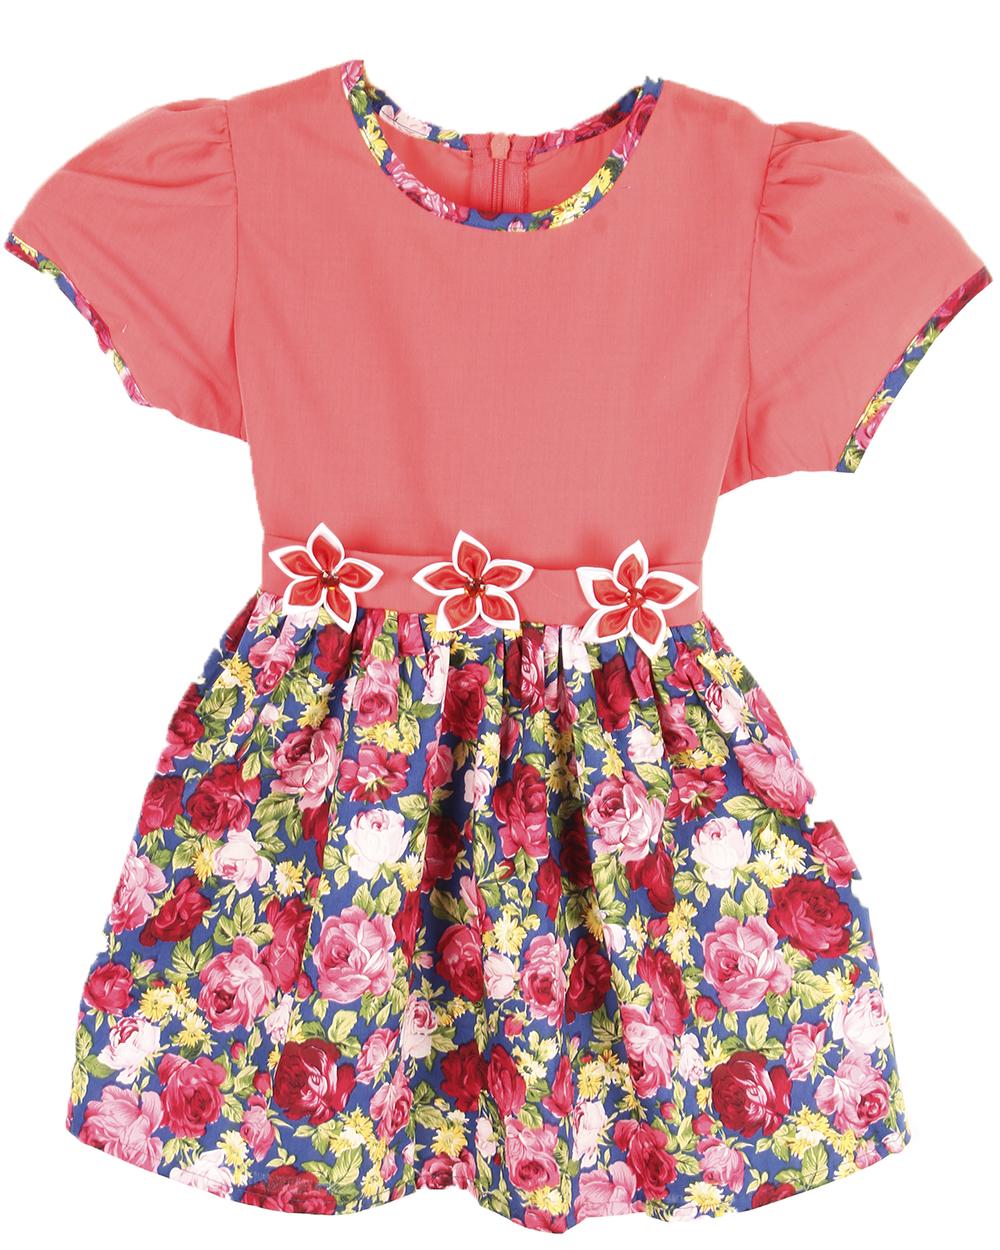 Купить Детские Платья Оптом От Производителя